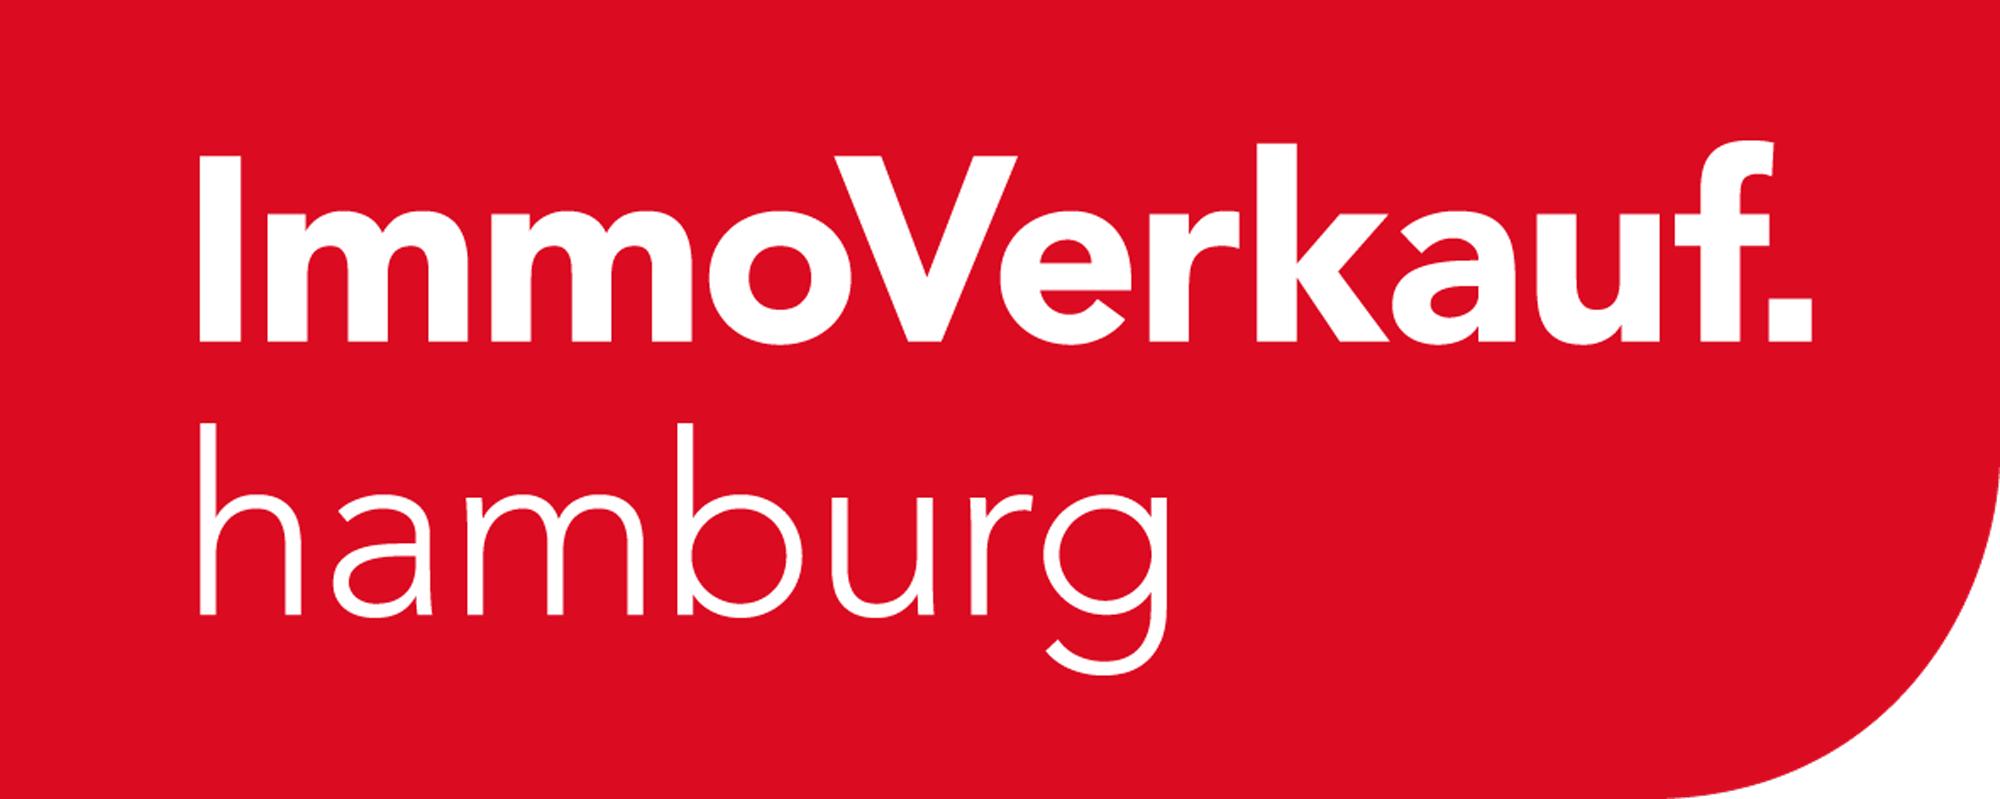 Hier sehen Sie das Logo von ImmoVerkauf.hamburg